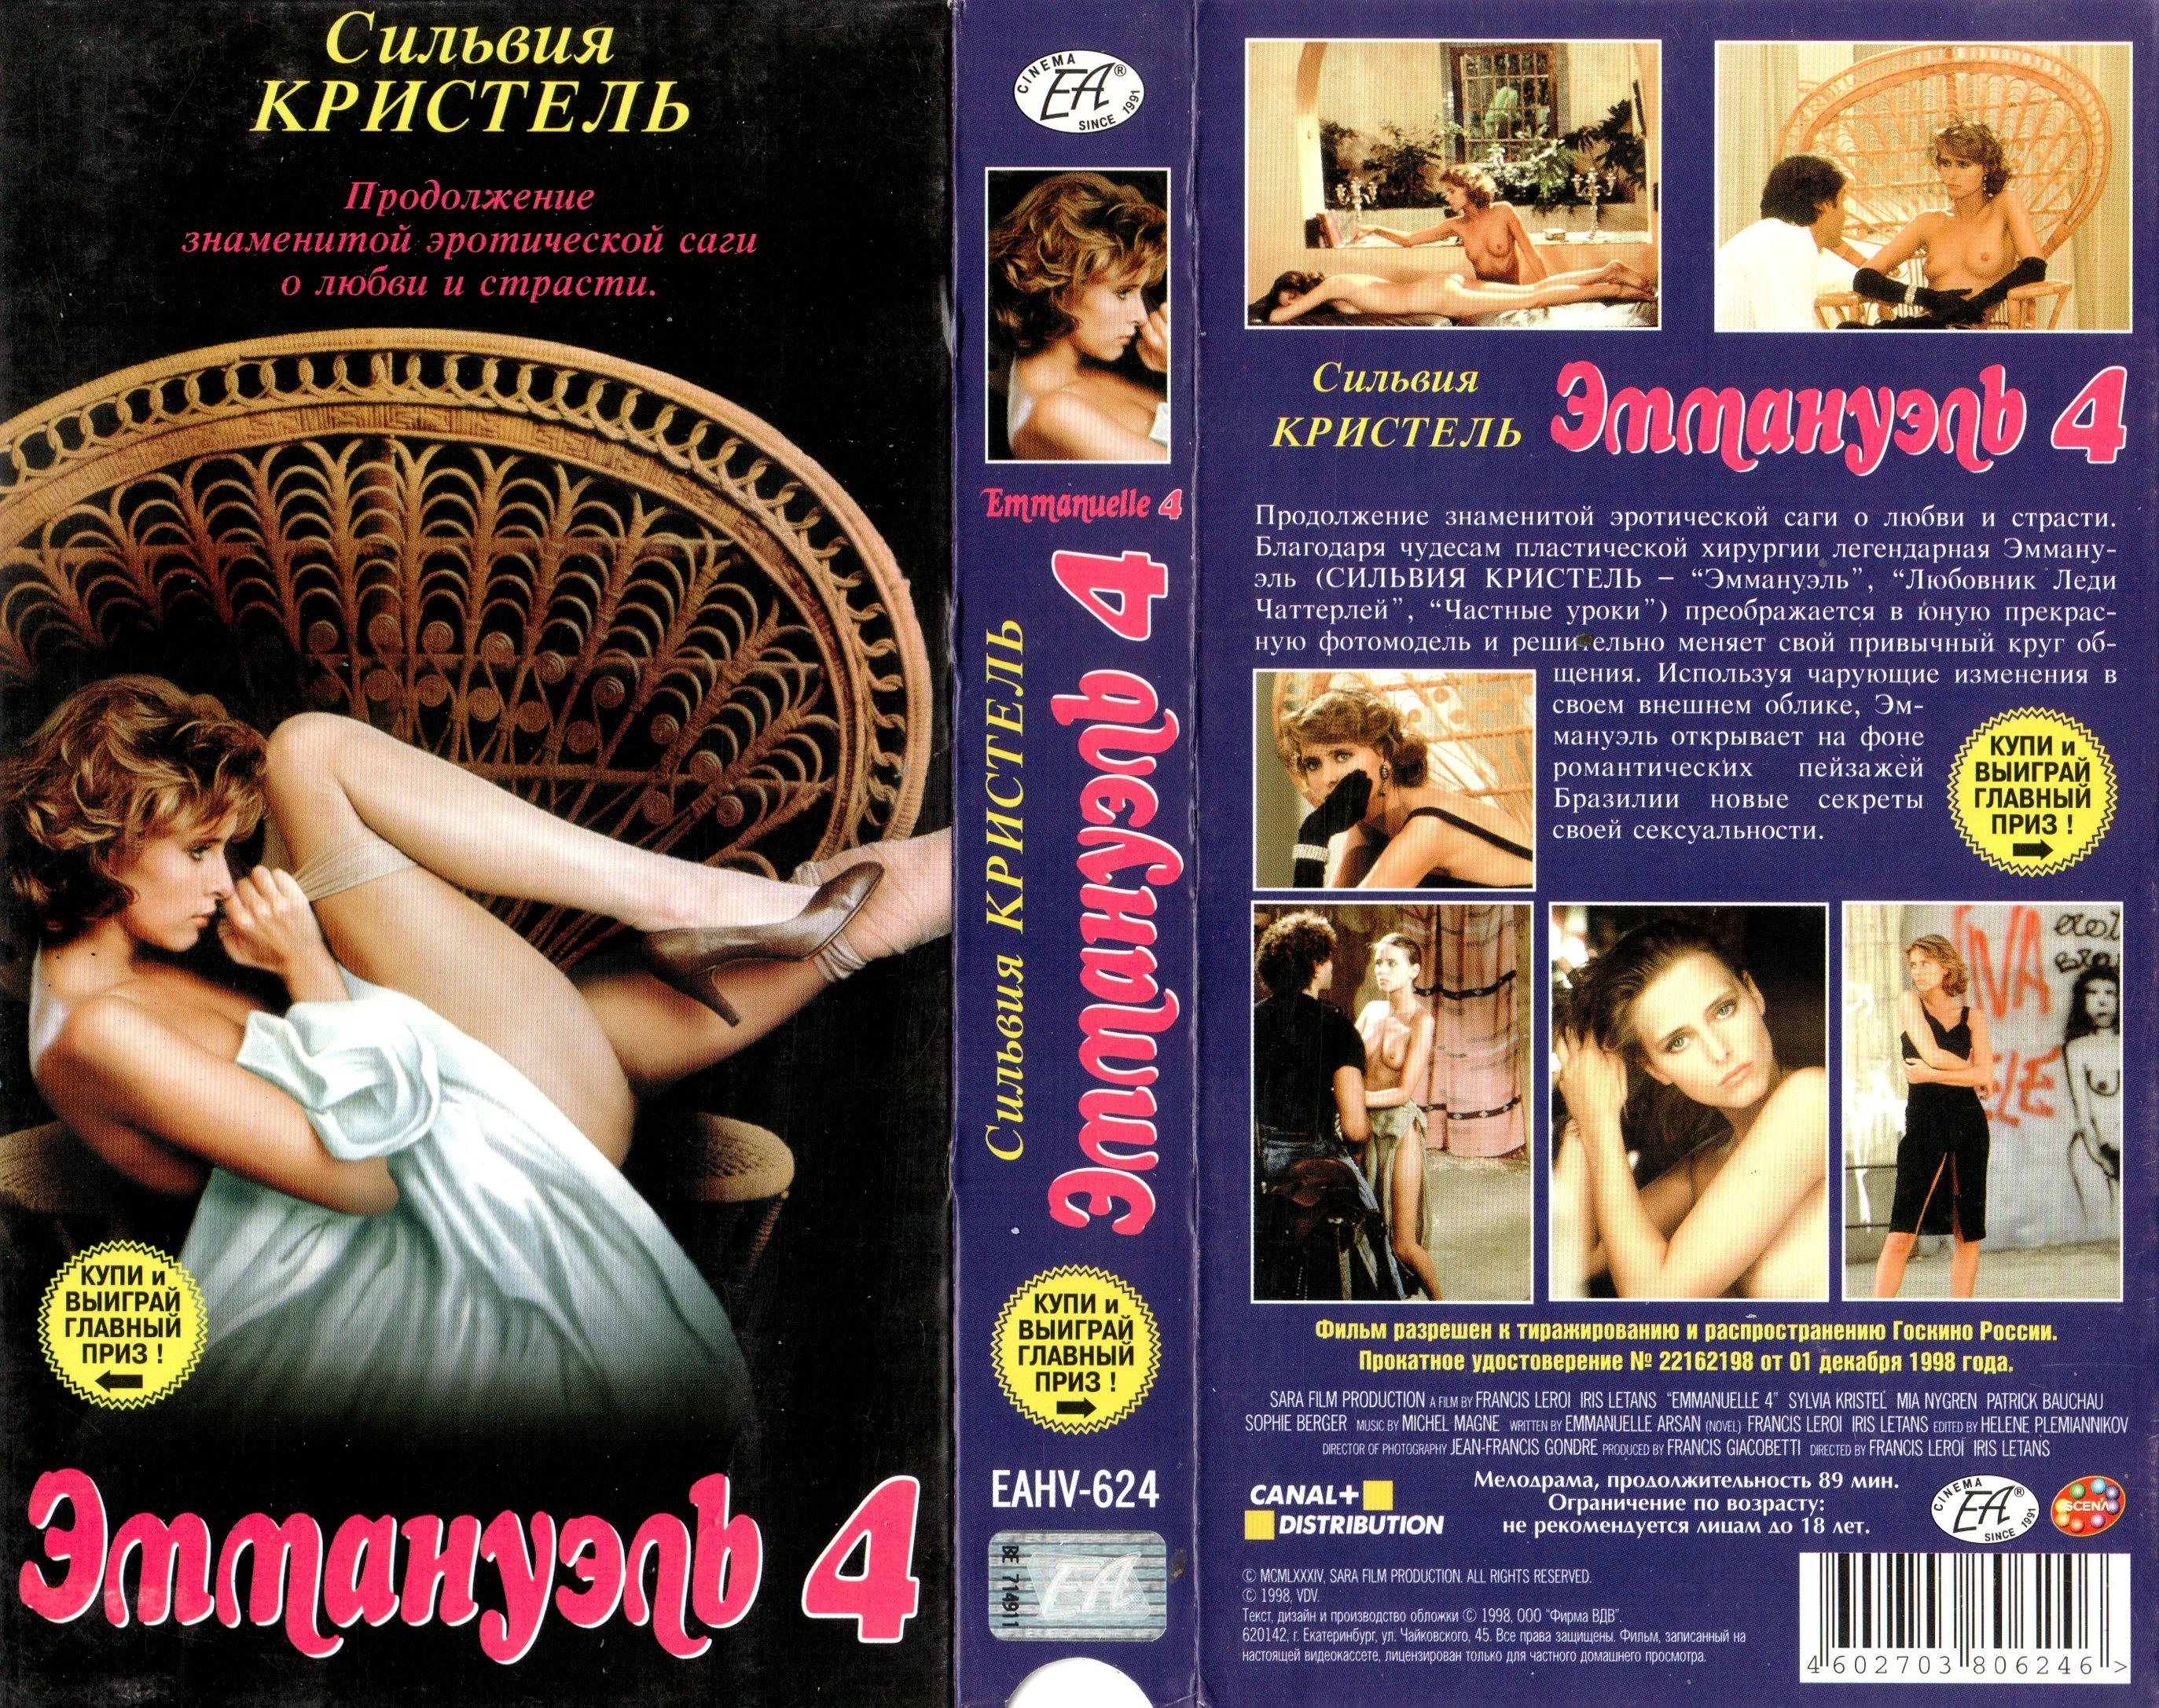 smotret-frantsuzskie-eroticheskie-filmi